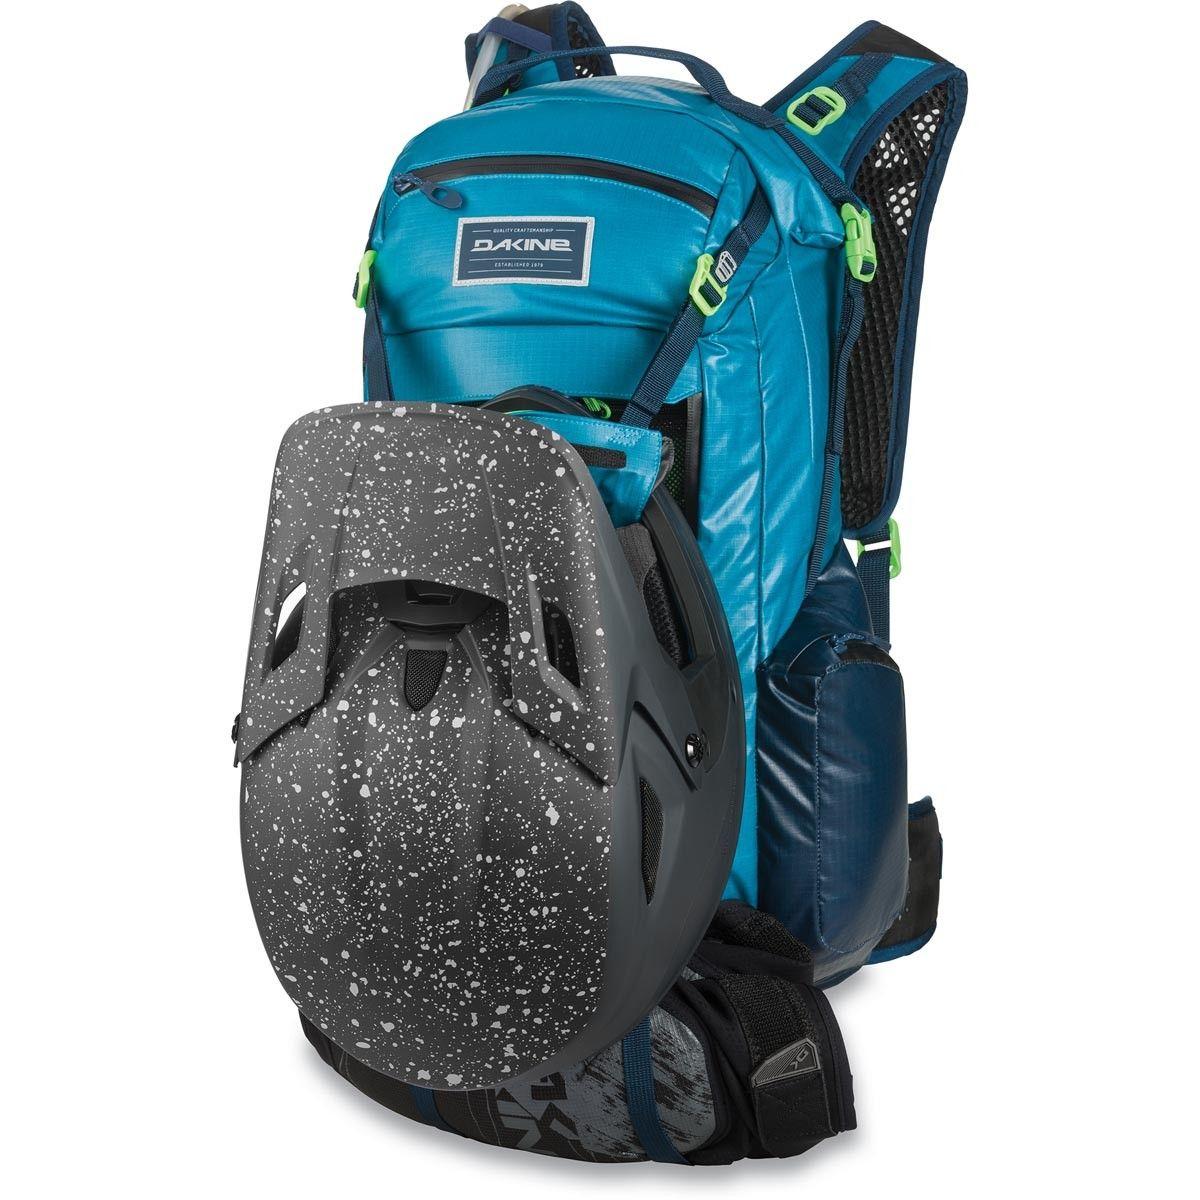 7f71bbf763af3 Dakine Seeker 24L Bike Hydration Backpack